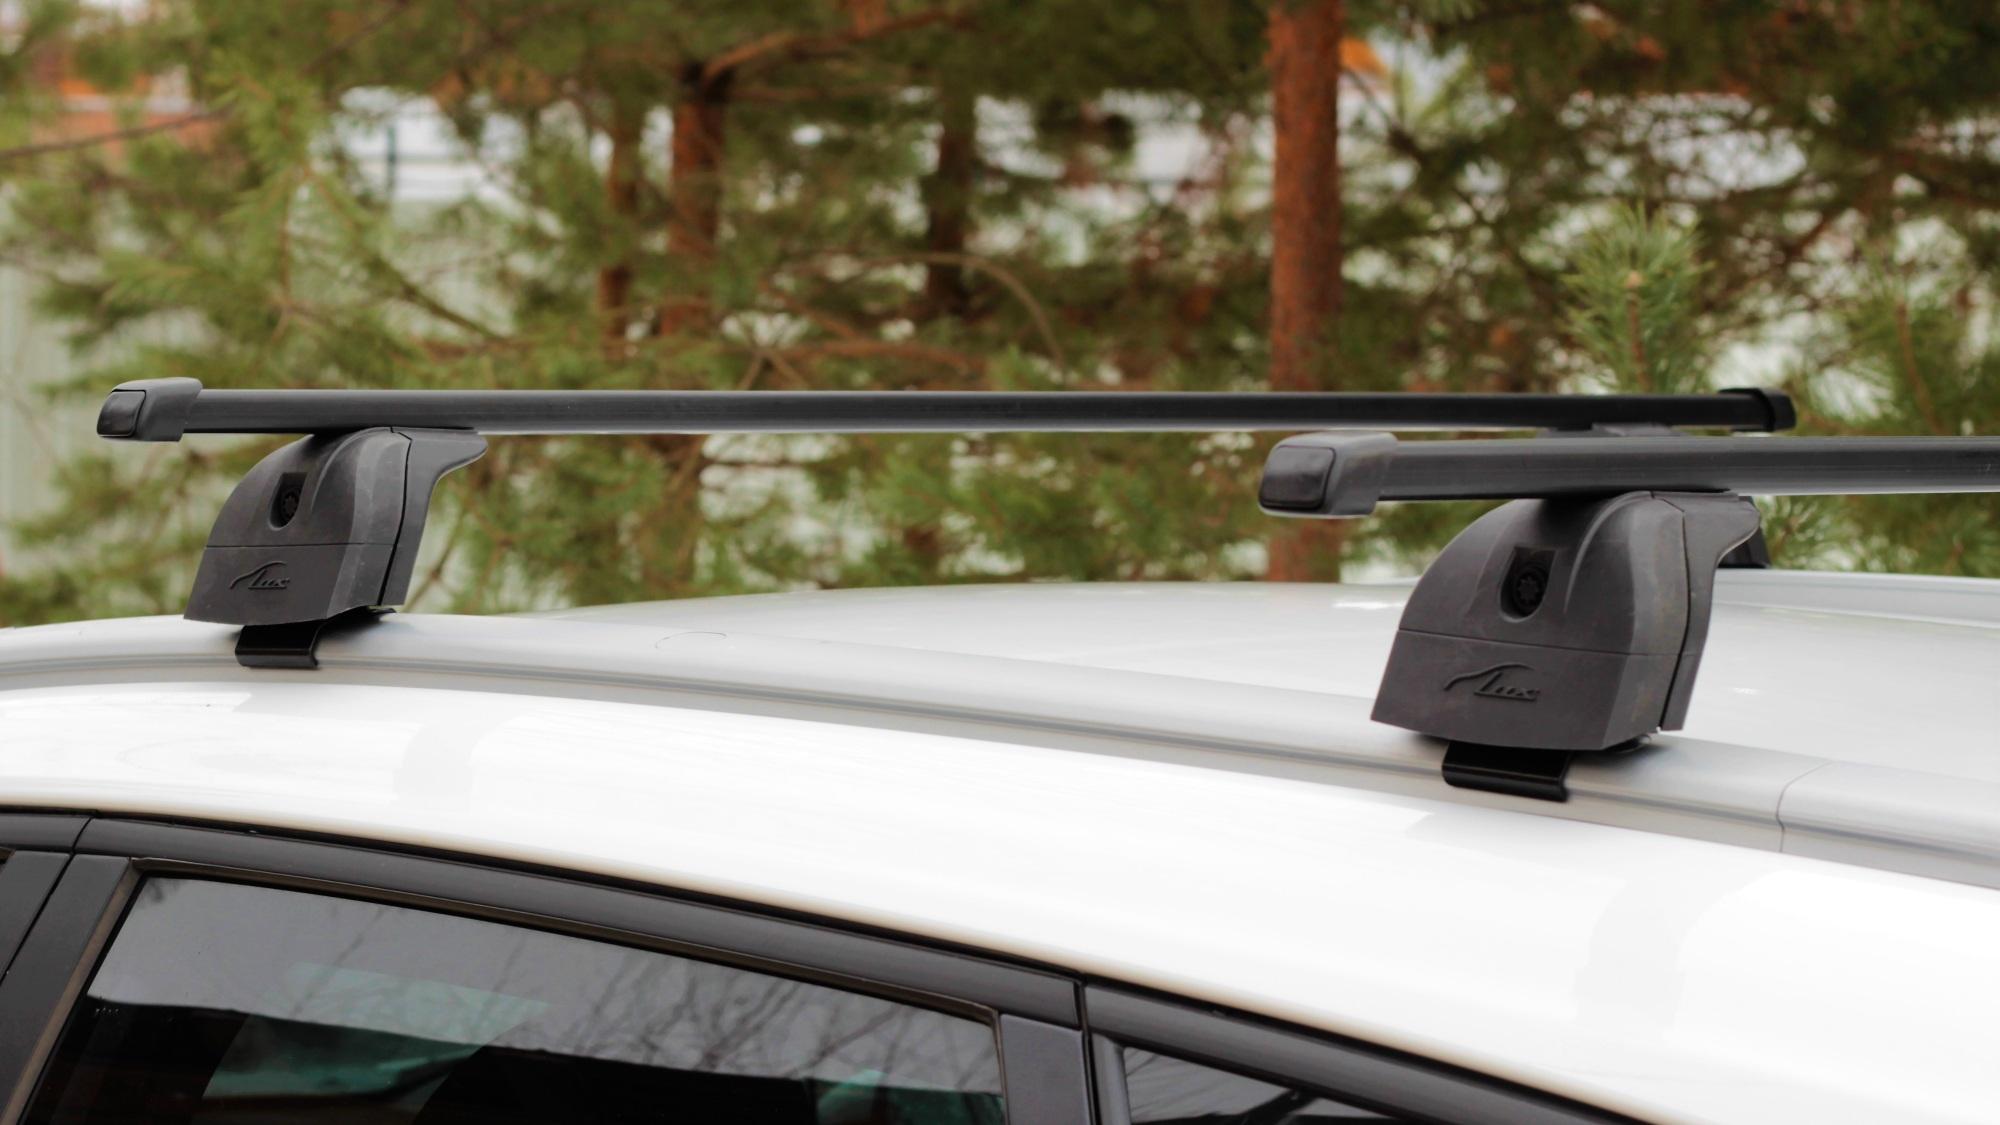 Багажник Lux «Стандарт» на крышу Suzuki Vitara IV без рейлингов